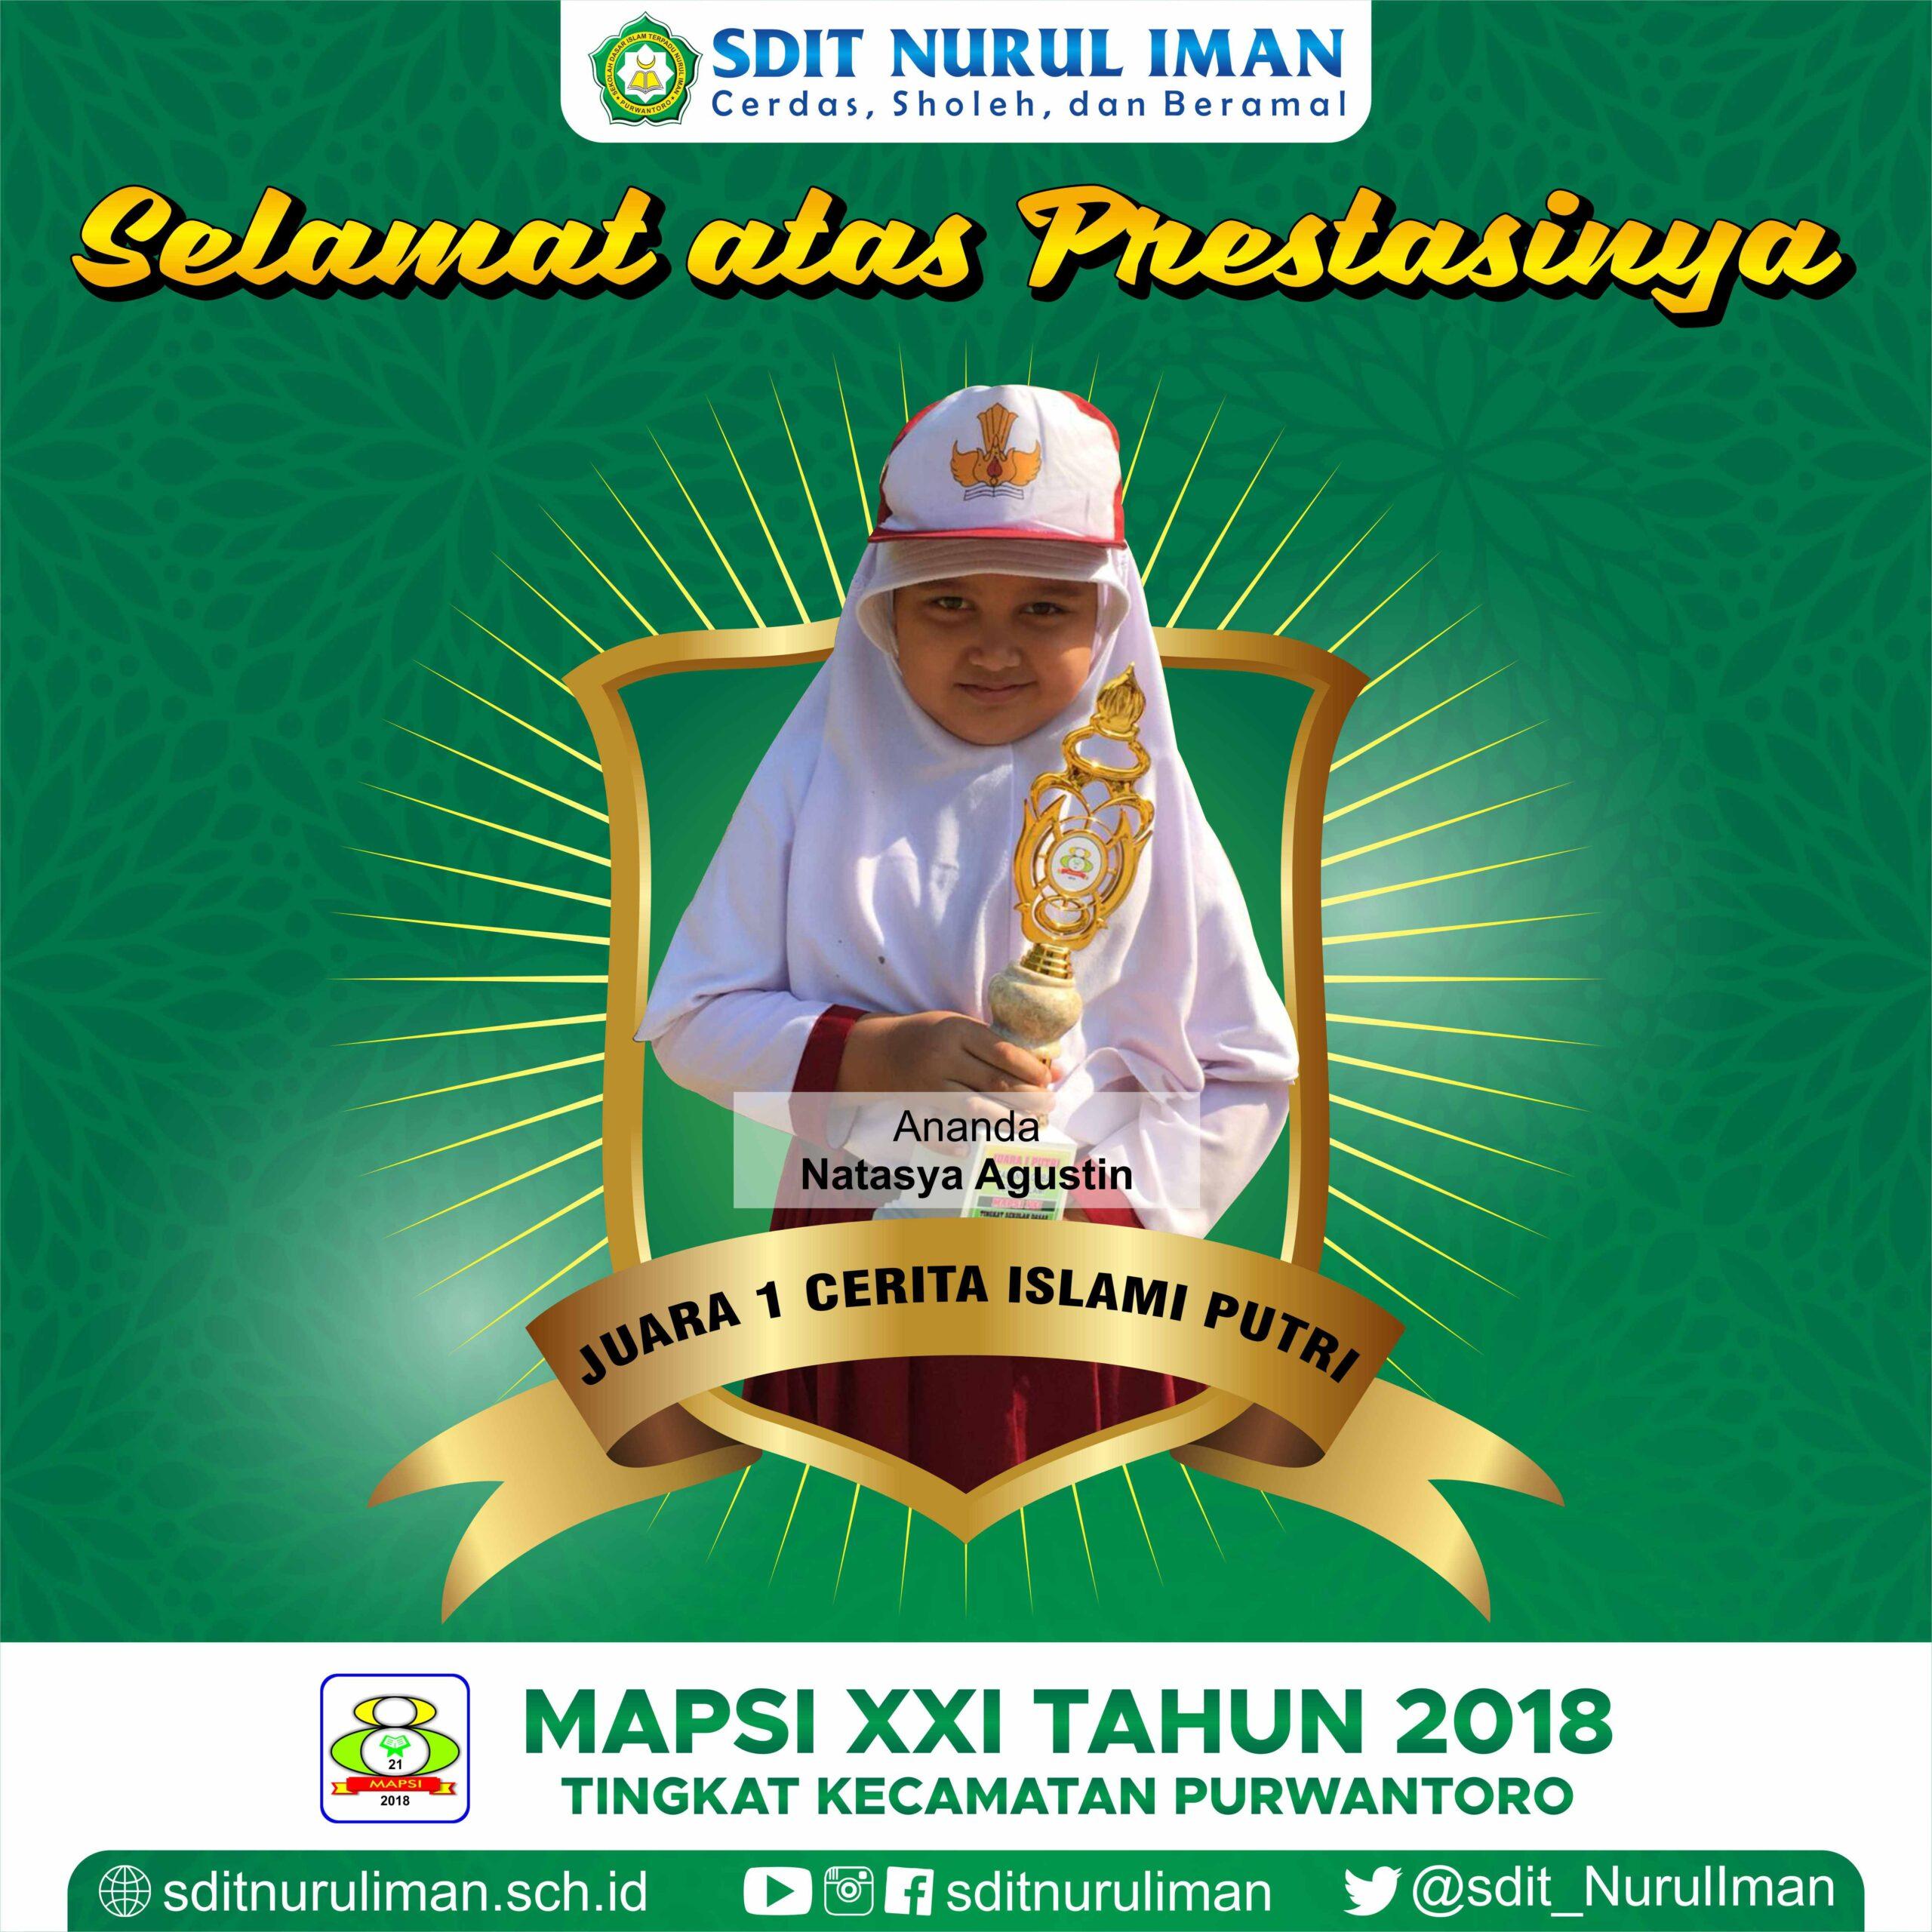 Juara 1 Cerita Islami Putri MAPSI XXI Tingkat Kecamatan Purwantoro